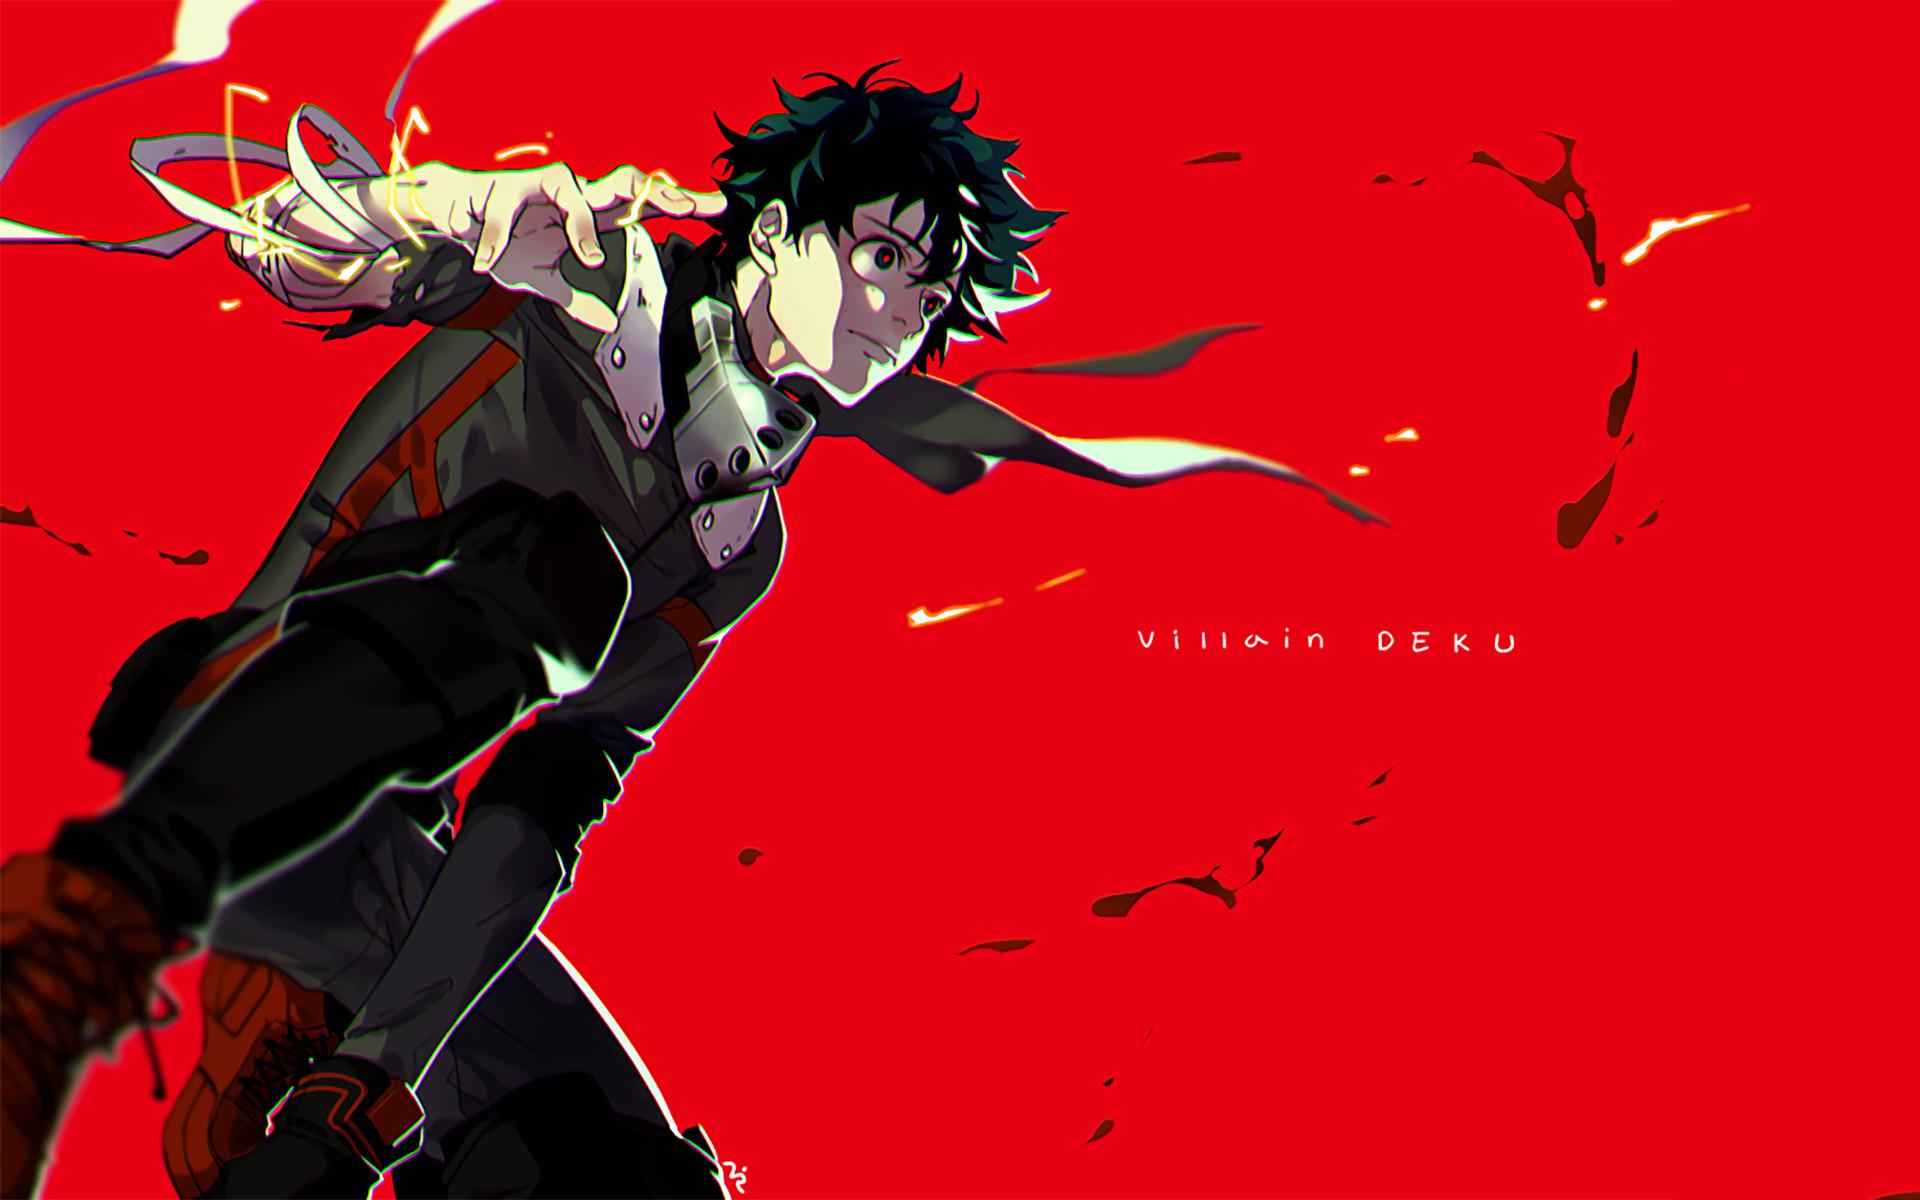 Boku No Hero Wallpapers 1